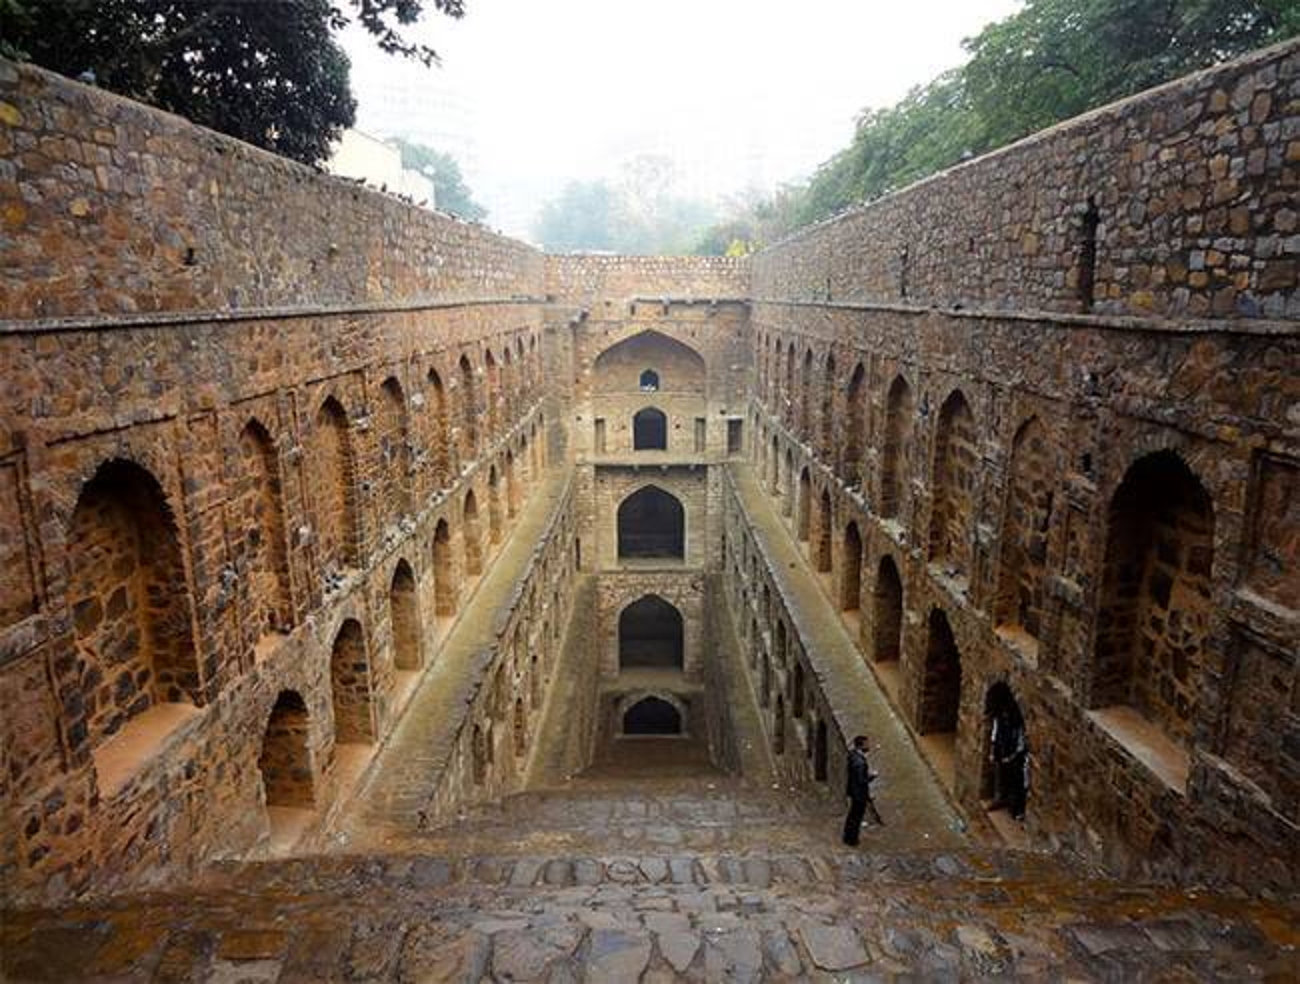 Une photographe s'intéresse de près aux puits à degrés oubliés en Inde